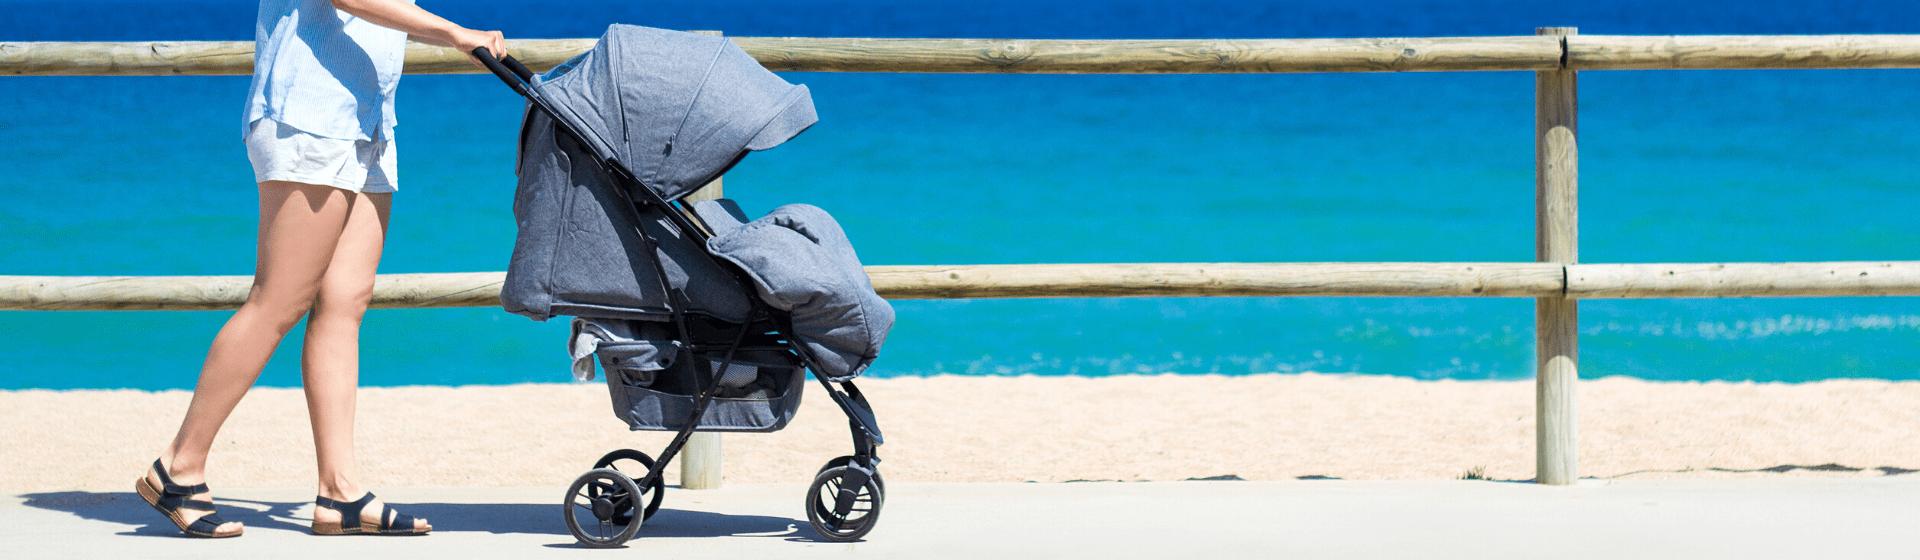 Carrinho de bebê com capota: 8 opções para se proteger no verão